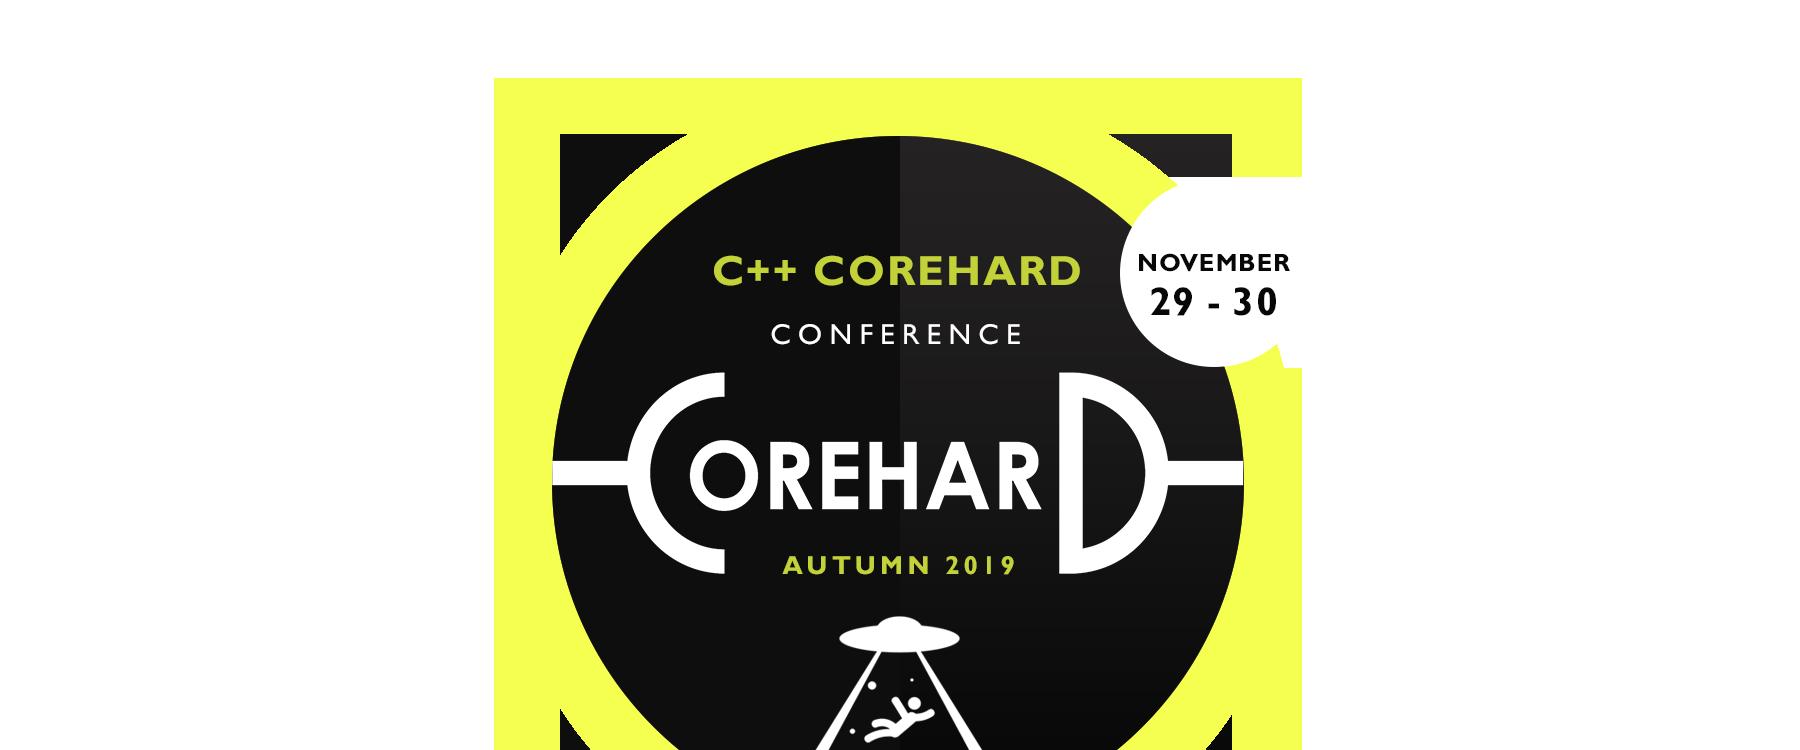 C++ CoreHard Autumn 2019